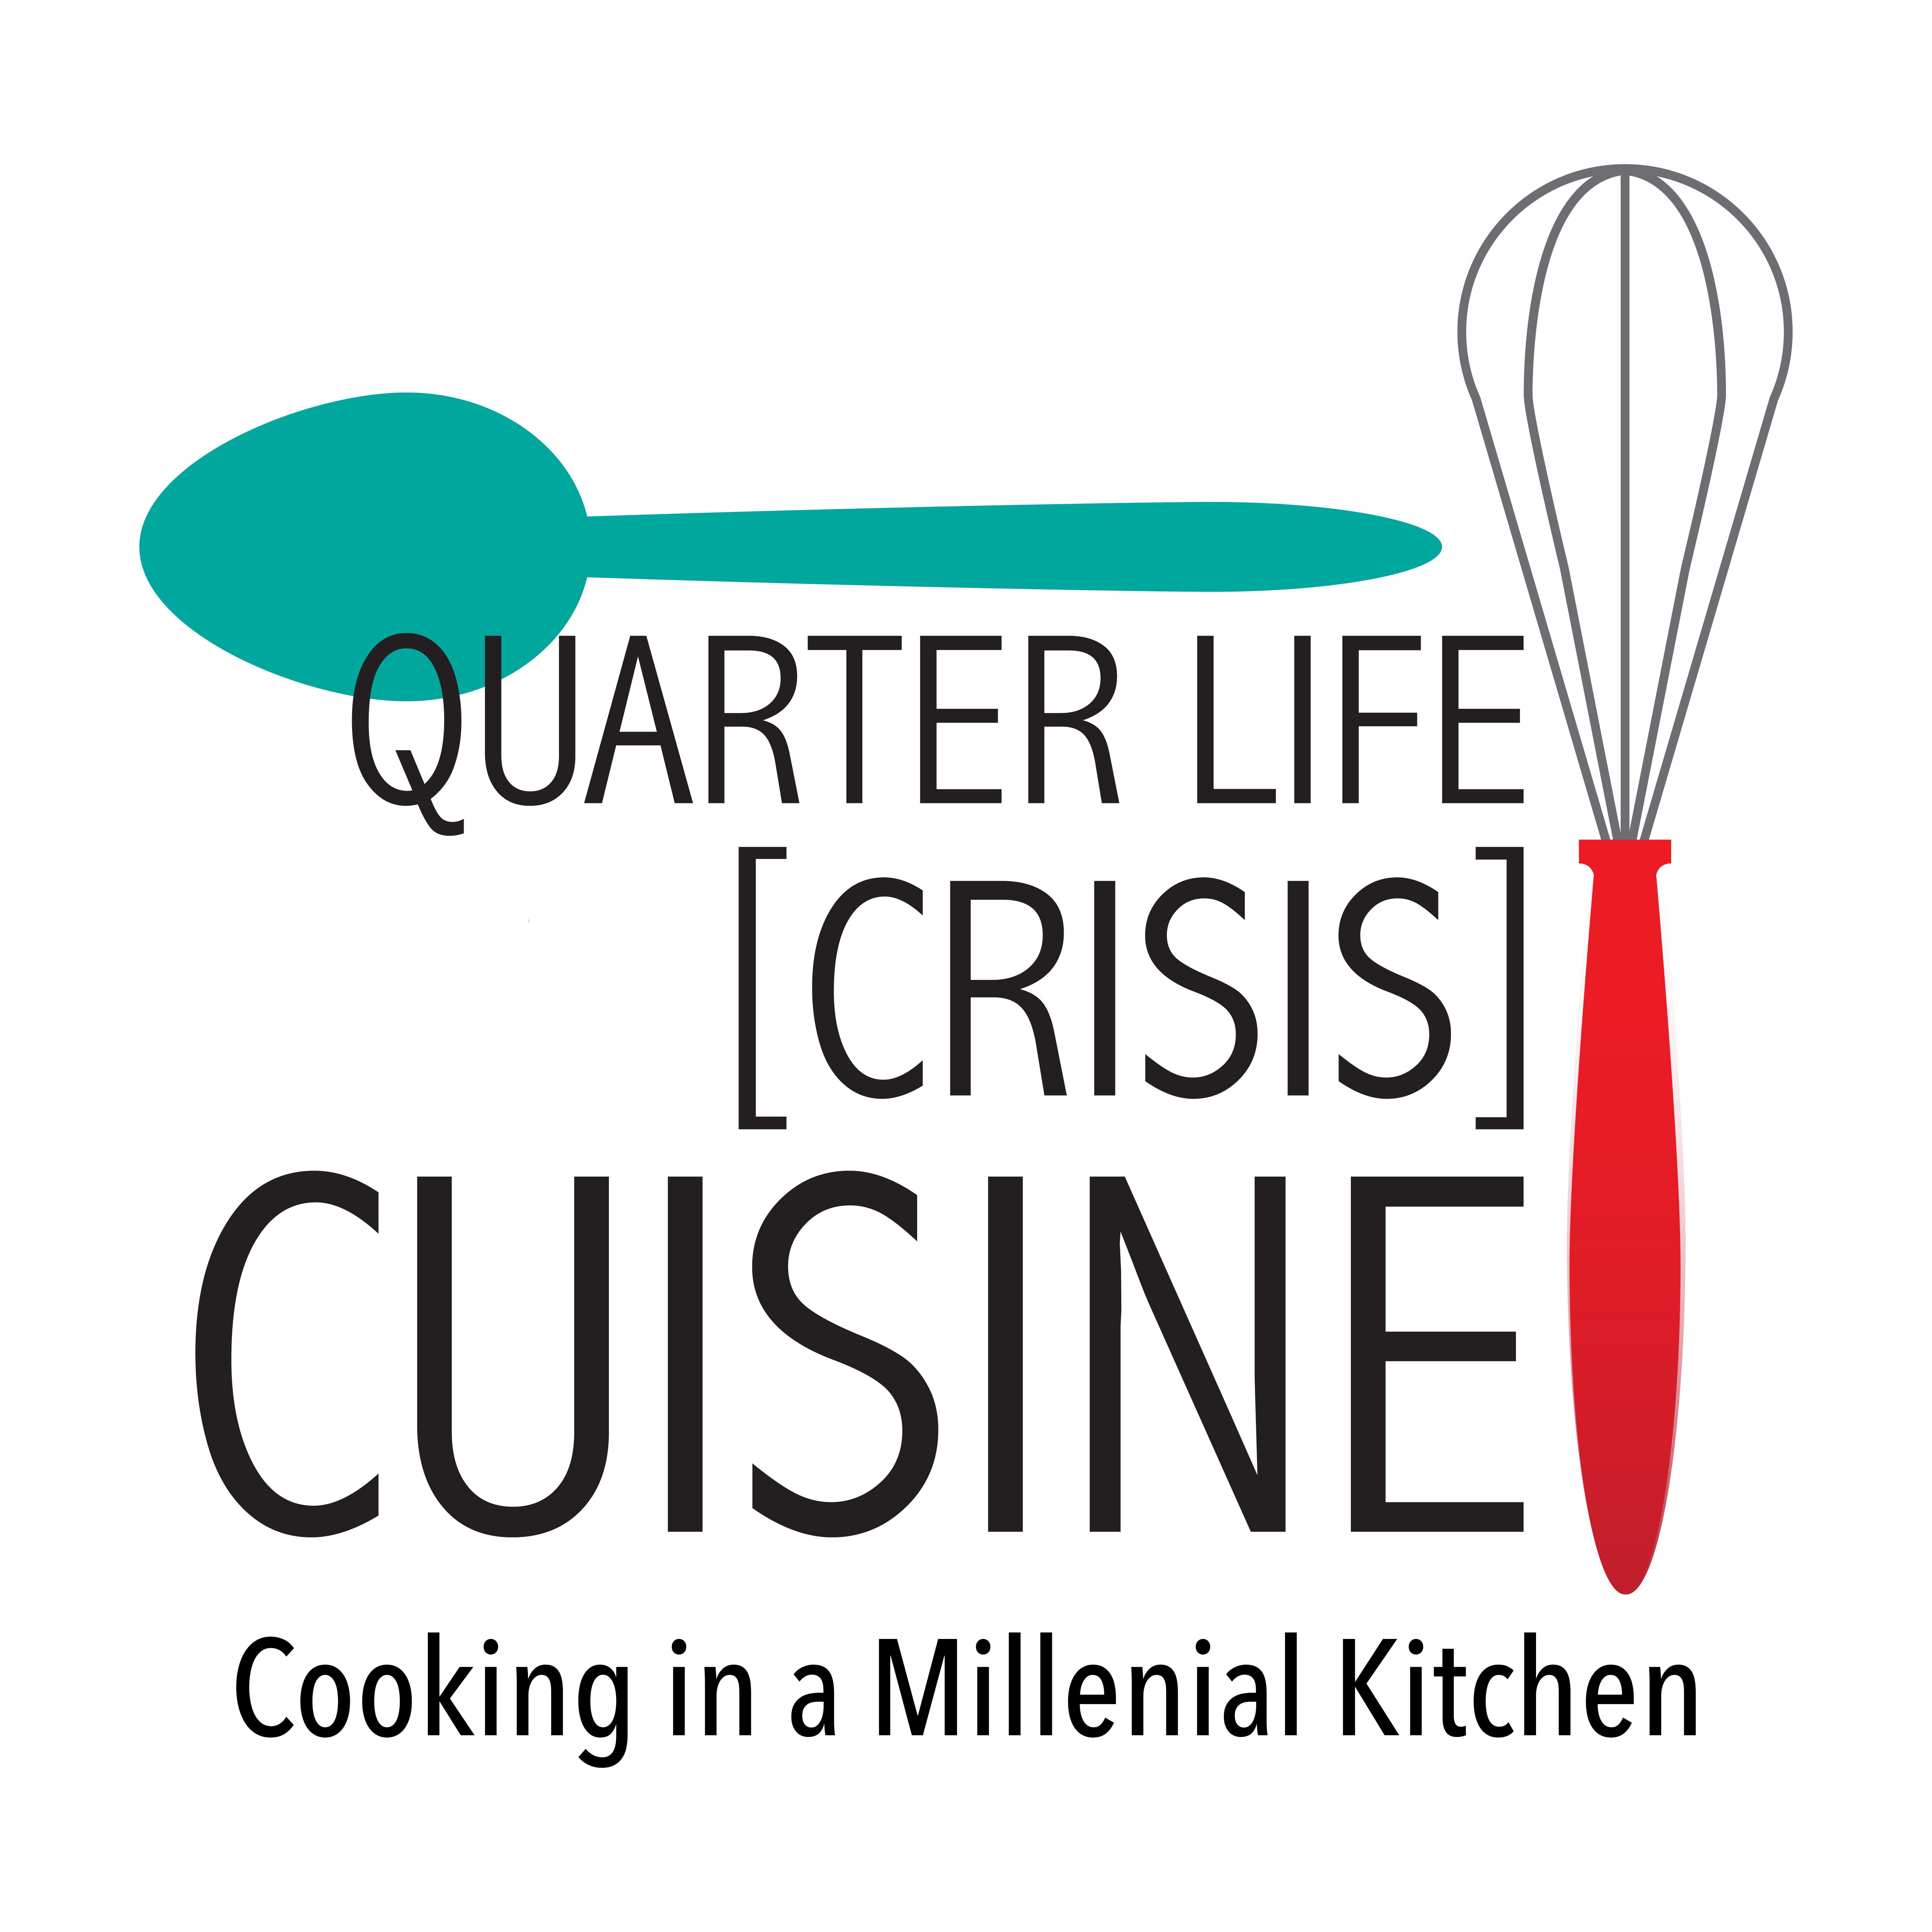 Quarter Life Crisis Cuisine